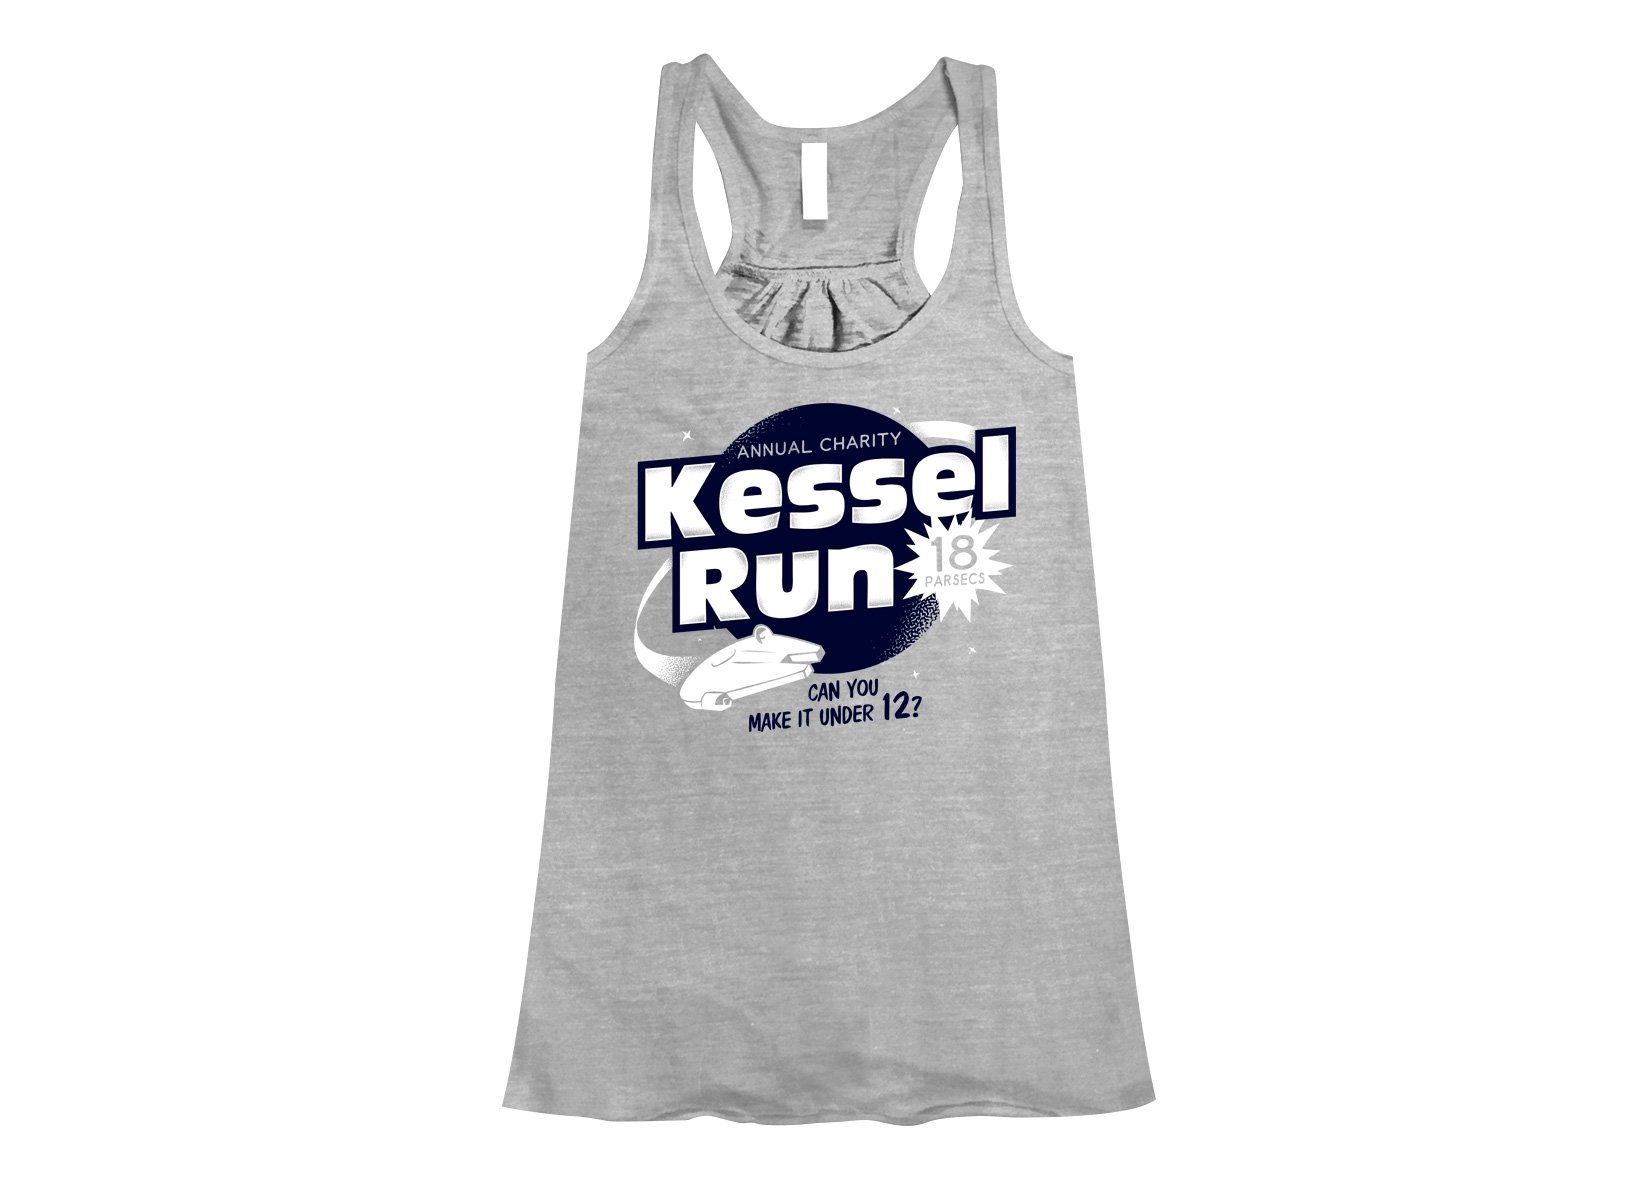 Kessel Run on Womens Tanks T-Shirt